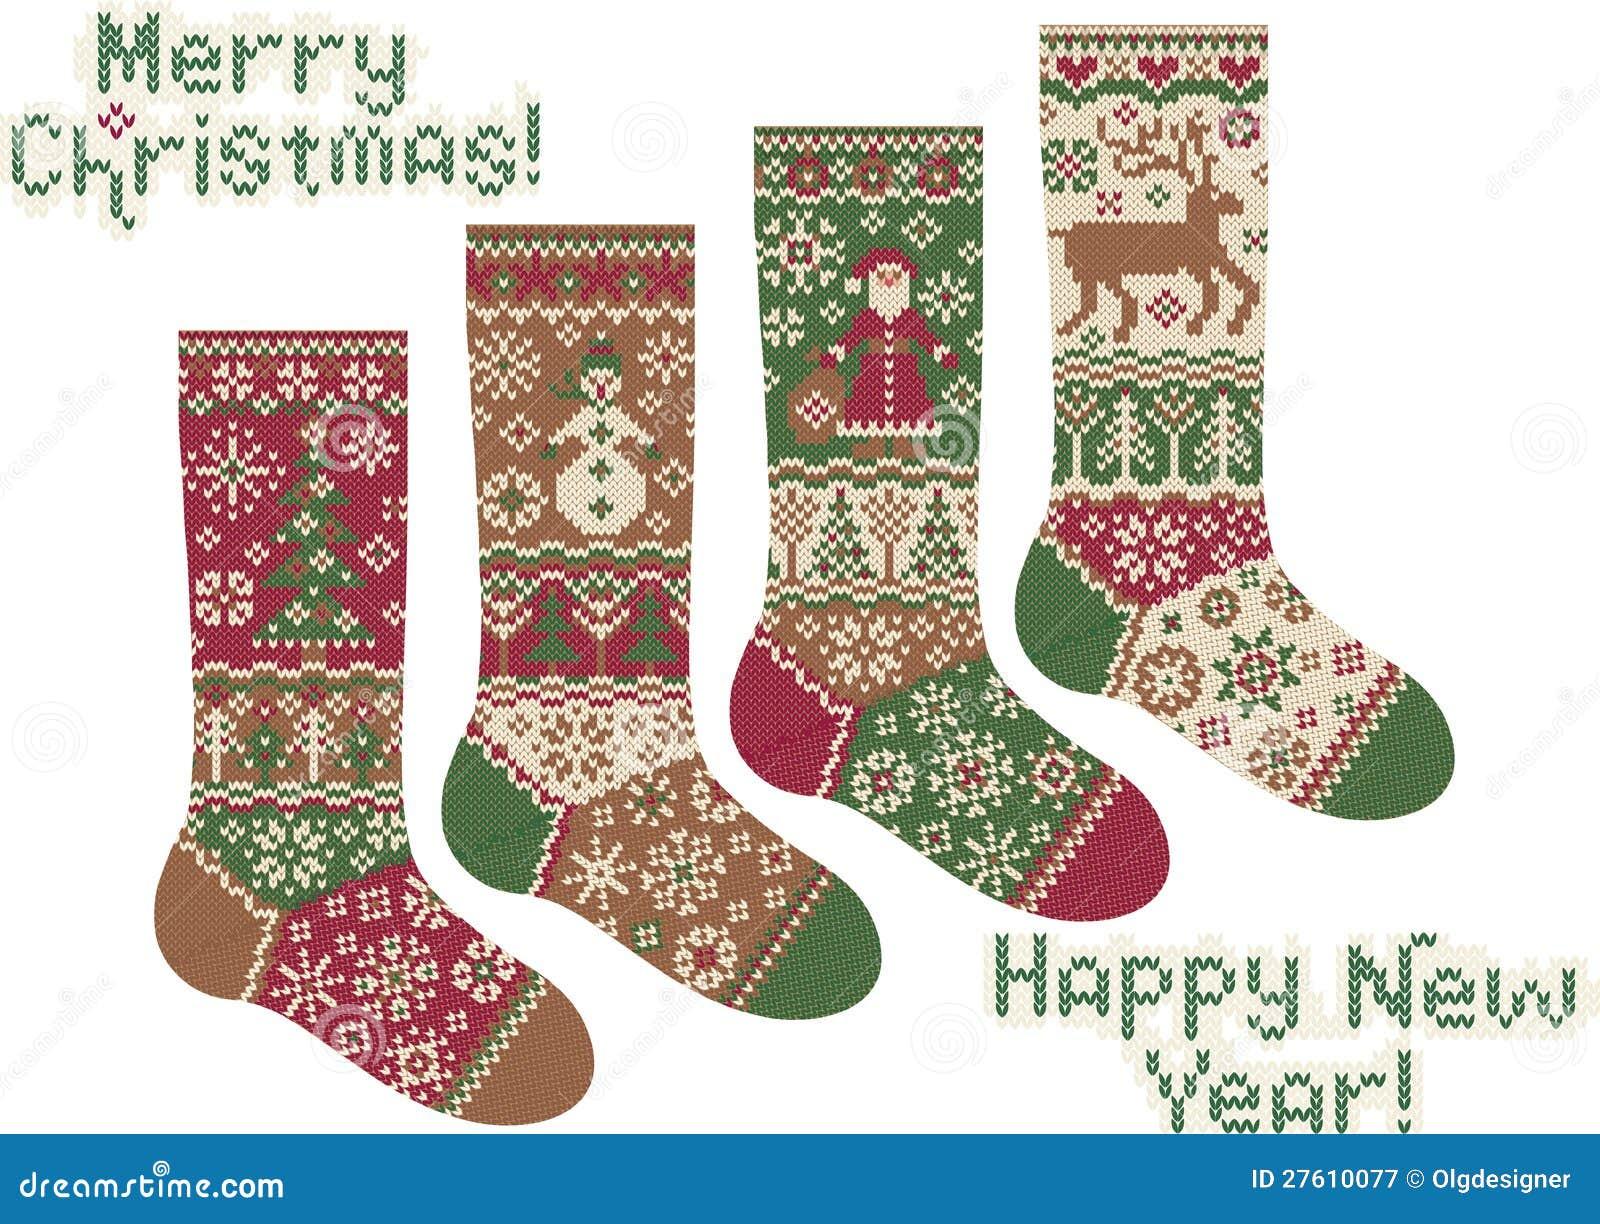 Gestrickte Socken. Frohe Weihnachten Und Neues Jahr! Vektor ...